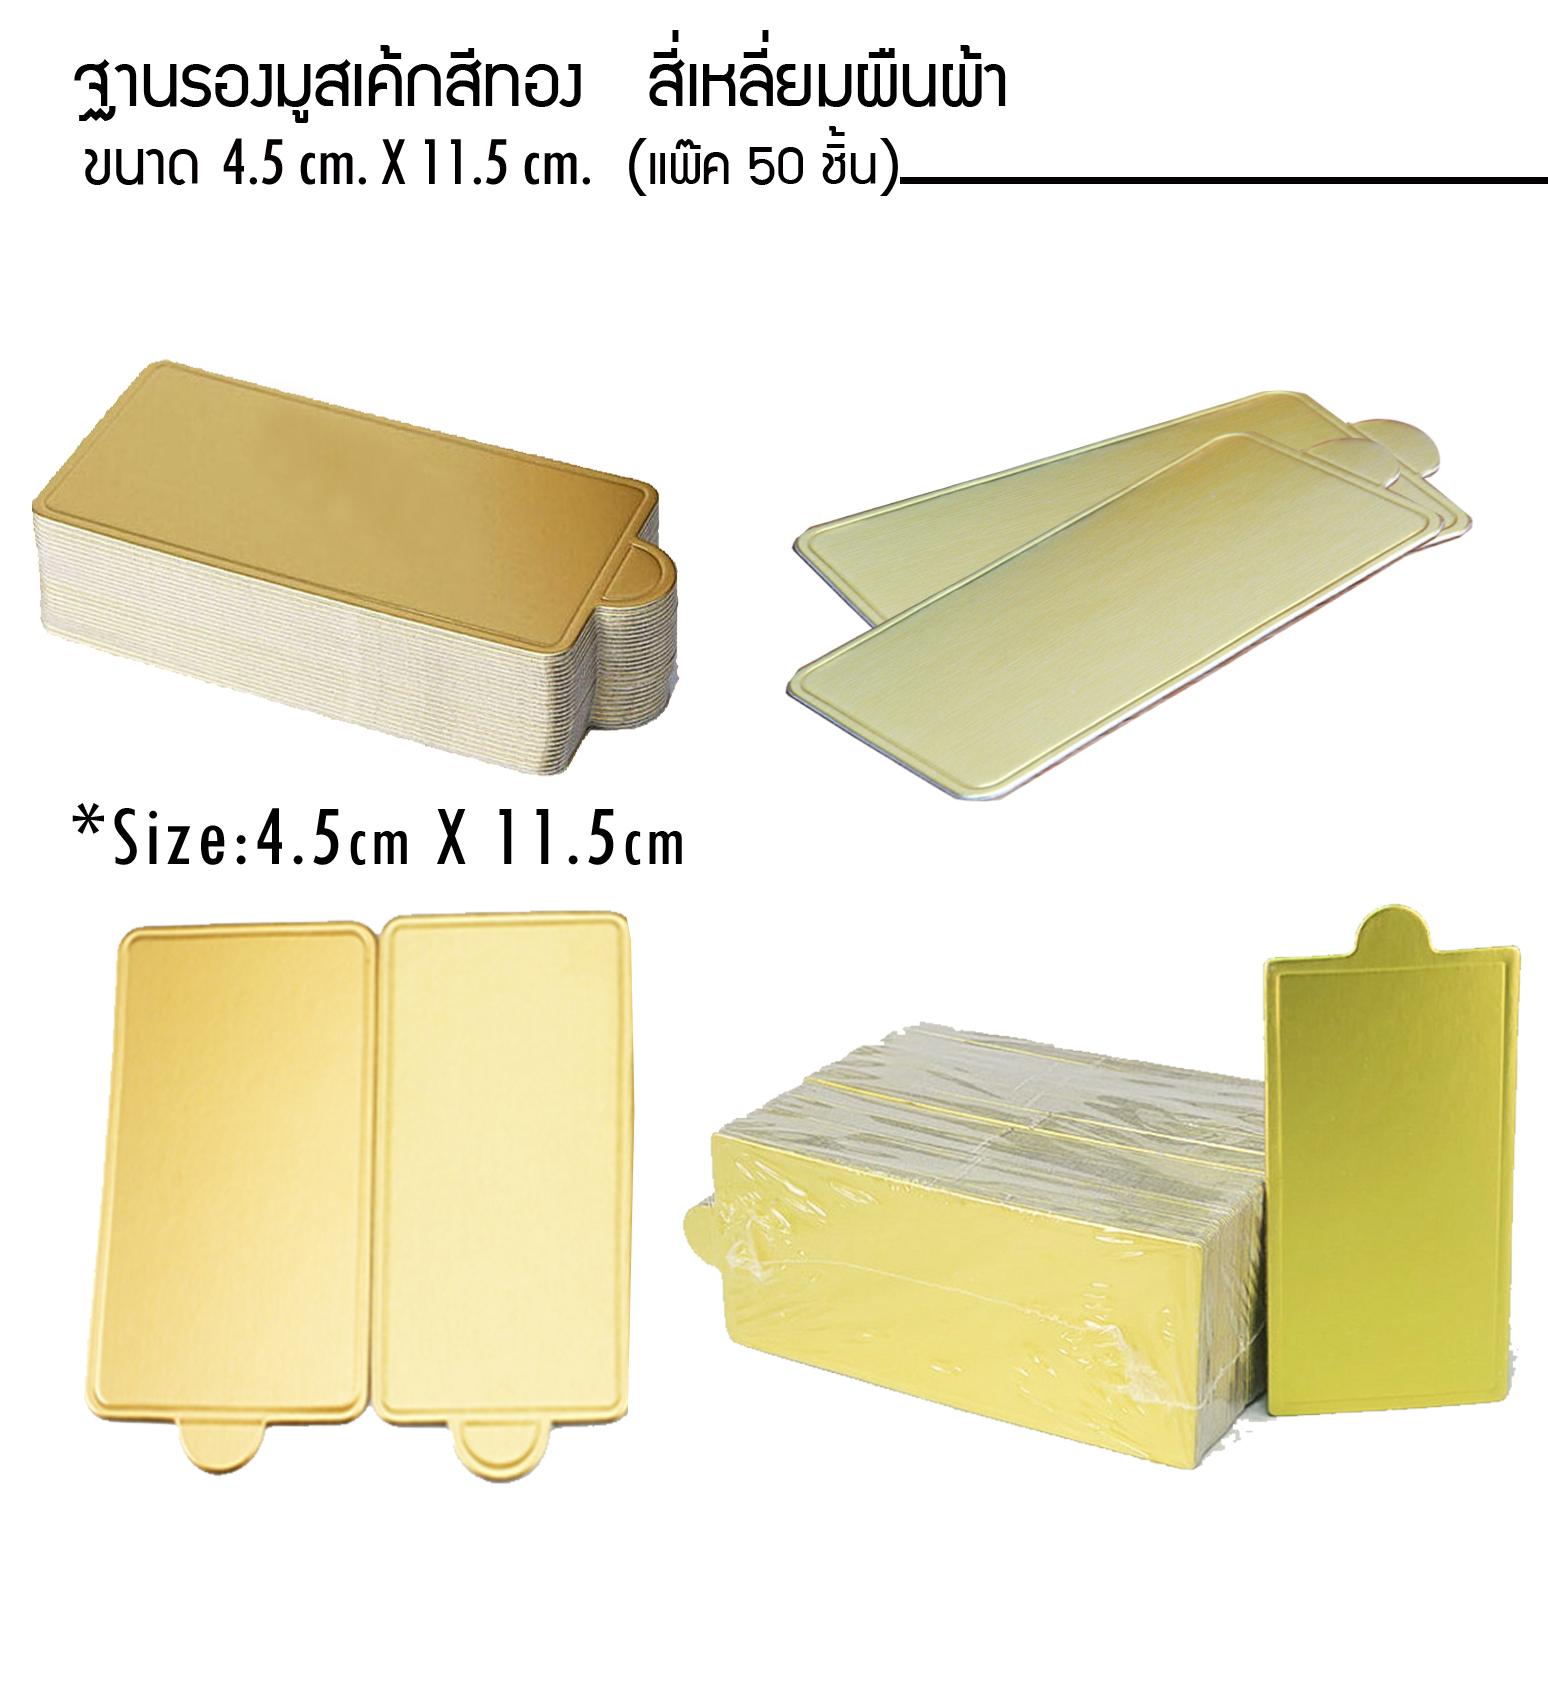 ฐานรองมูสเค้กสีทอง สี่เหลี่ยมผืนผ้า size4.5 ซม X 11.5 ซม.(50ชิ้น)